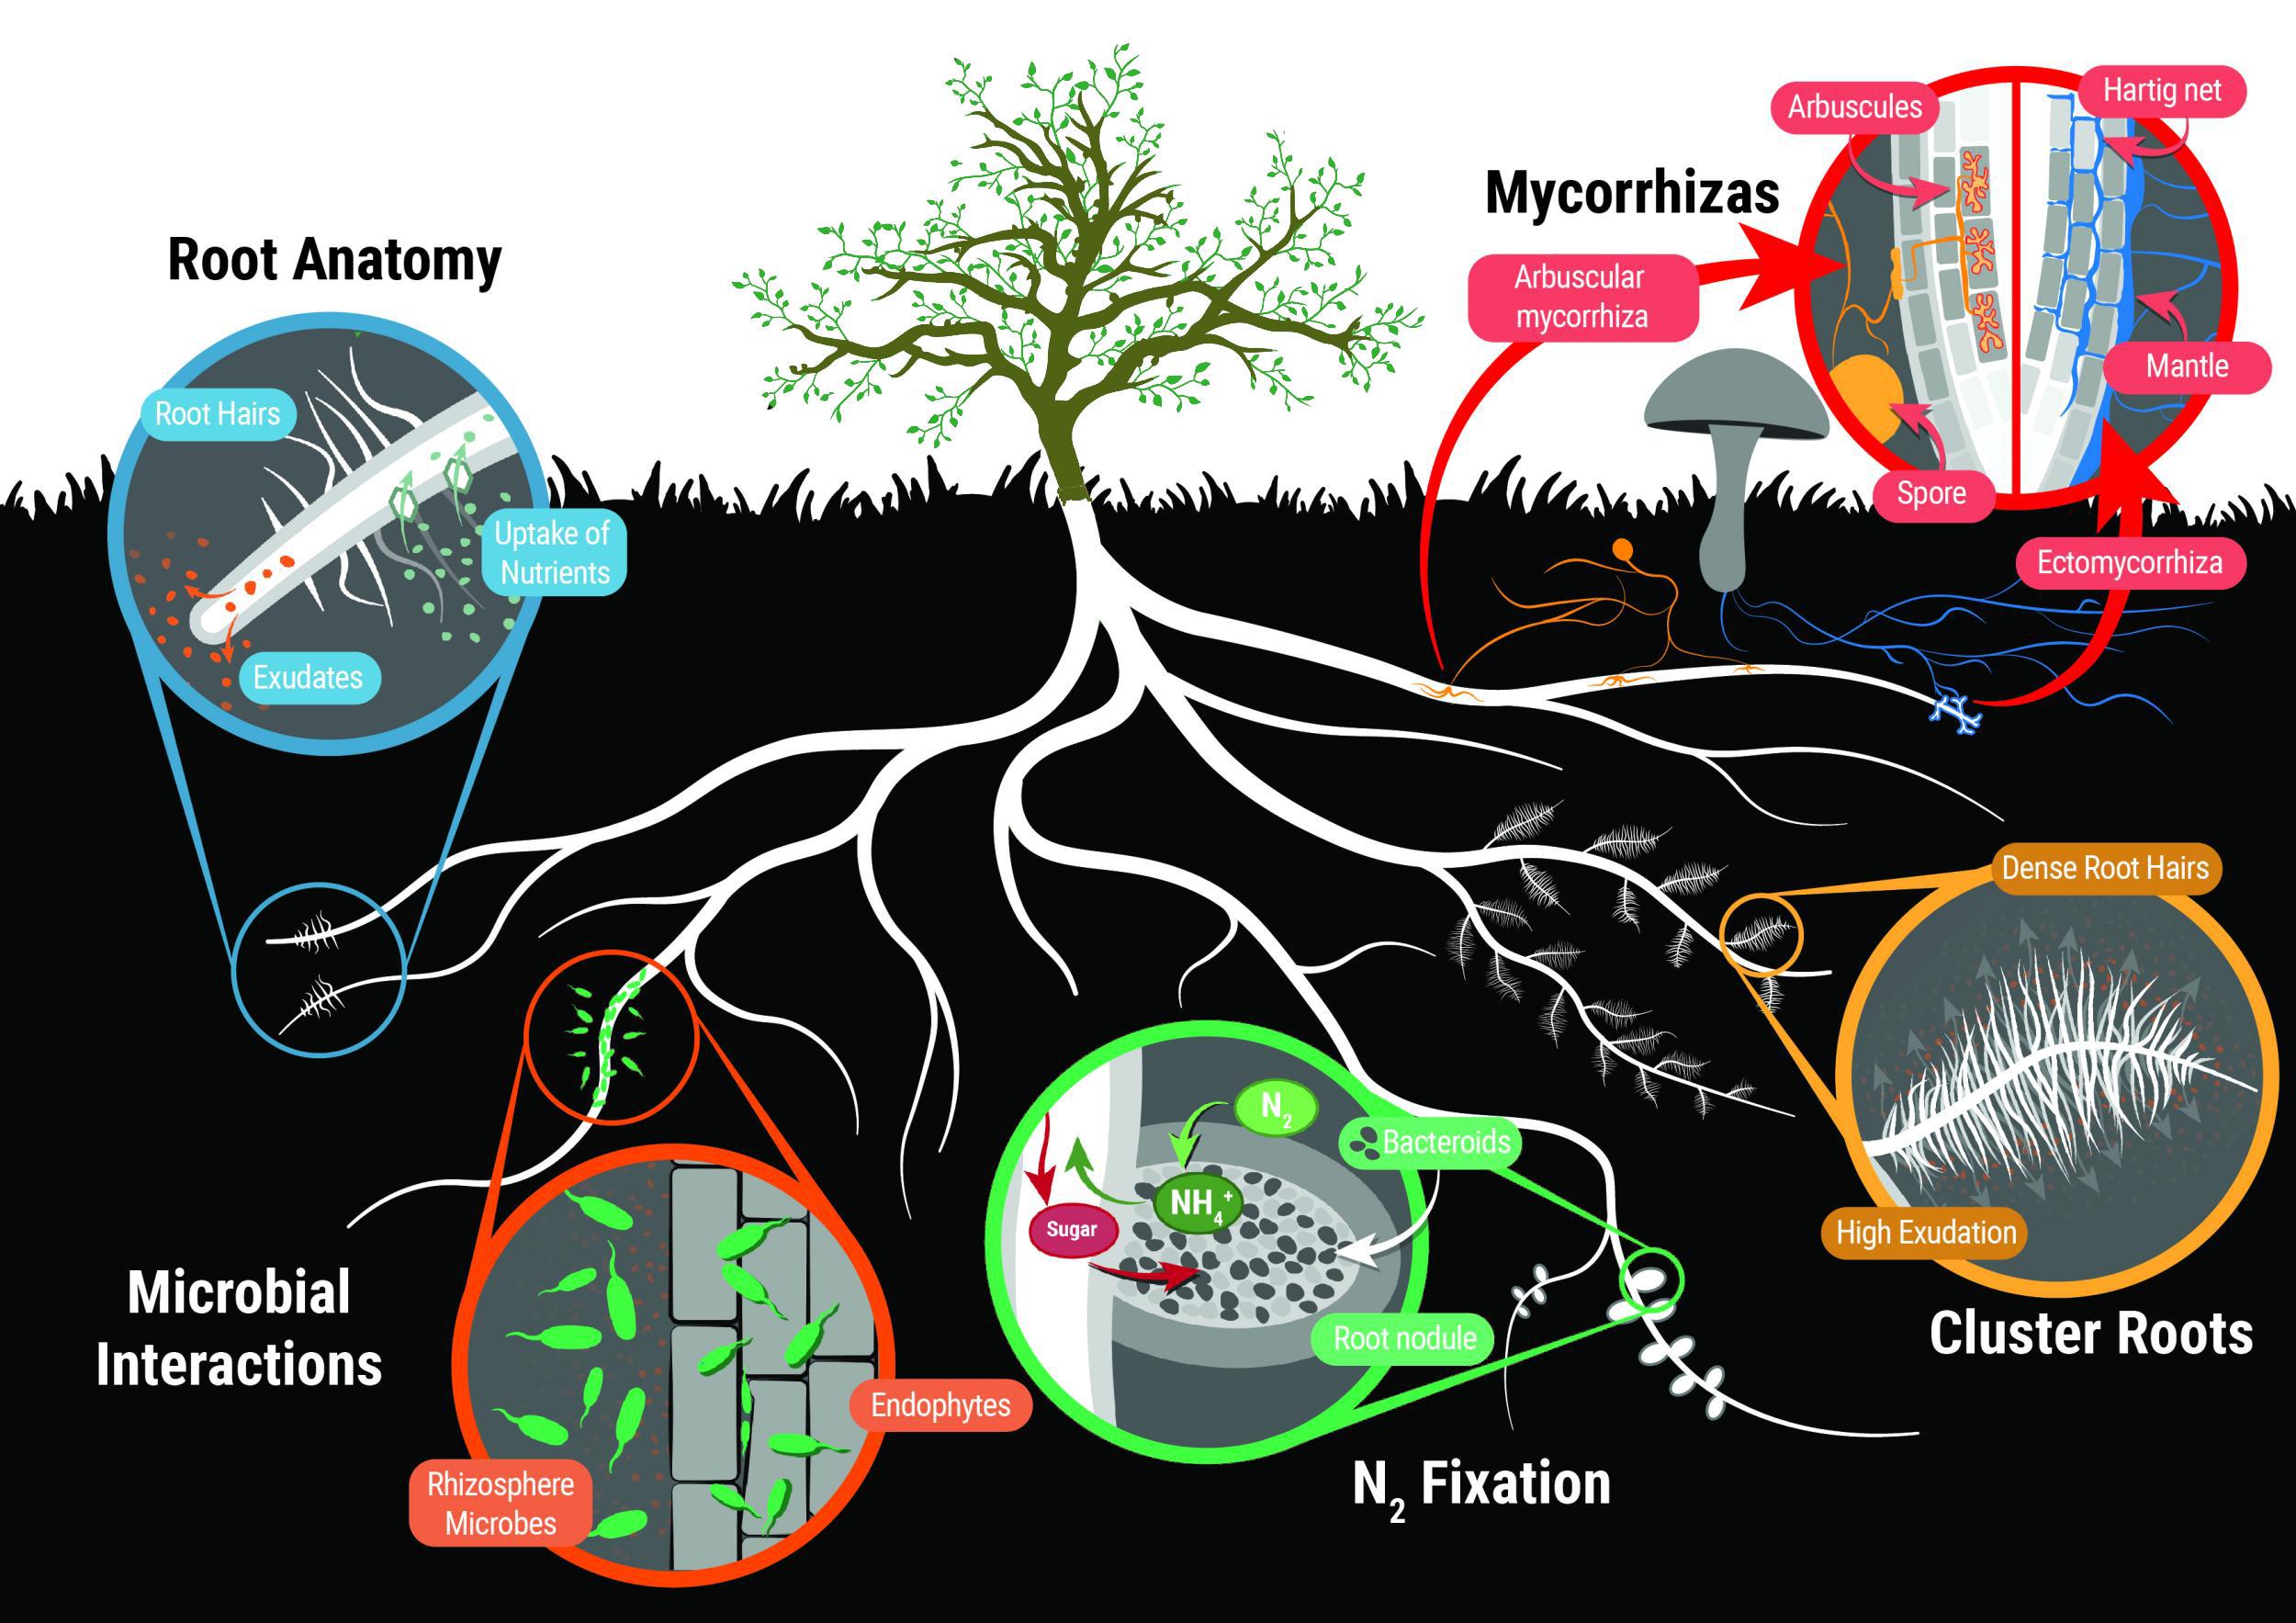 Artikel: Erhöhter Beitrag von Wurzelexsudaten zum Kohlenstoffeintrag im Boden während der Grünlanddegradierung